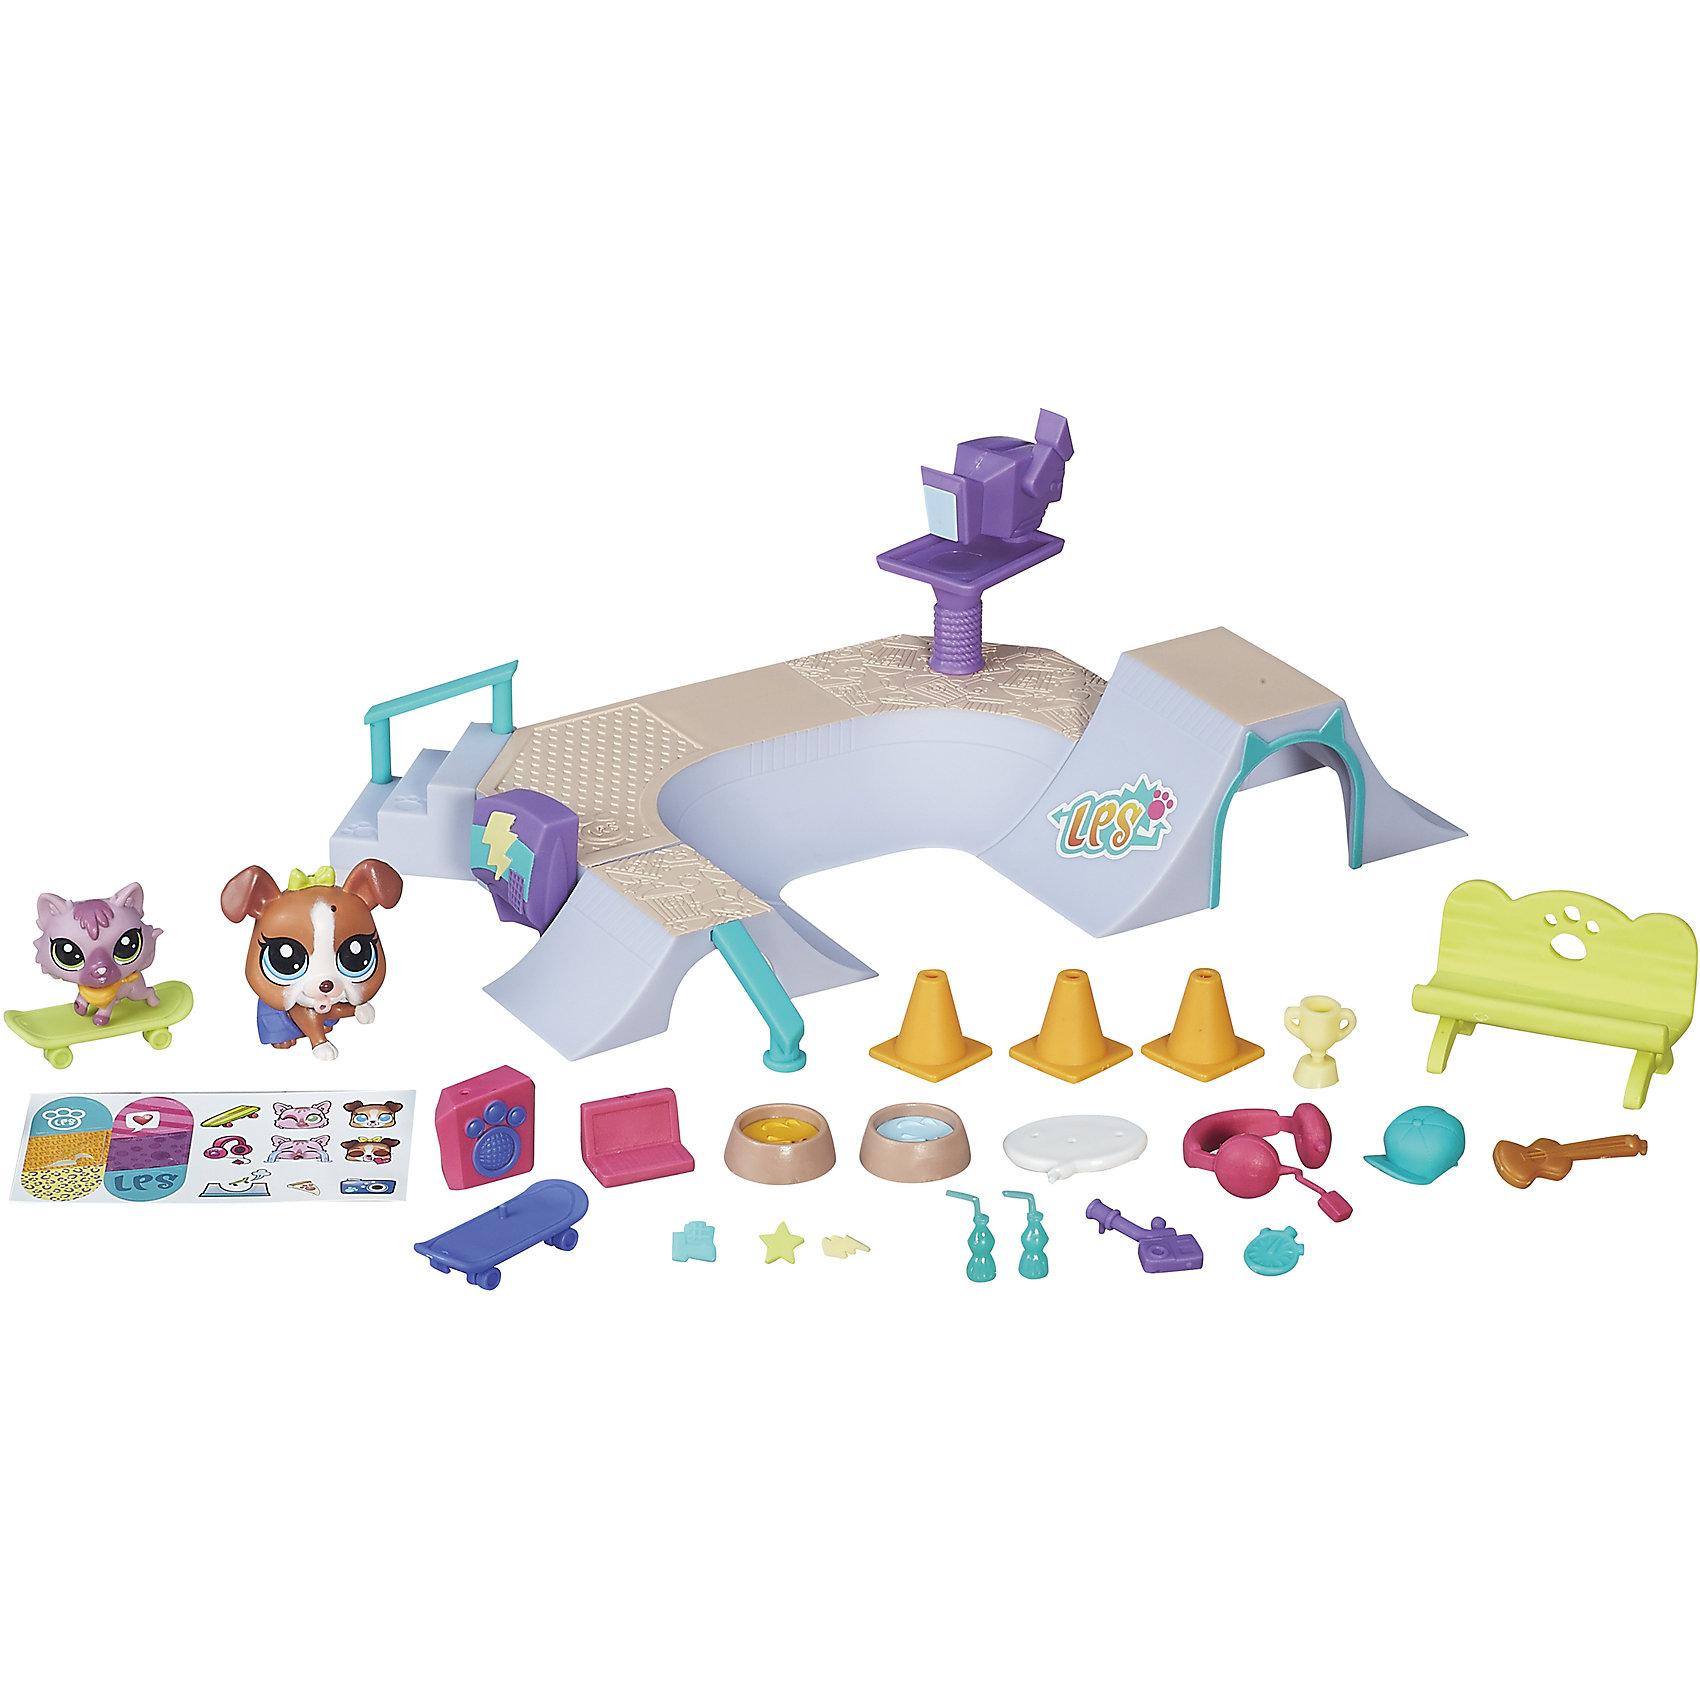 Игровой набор Городские сценки. В парке, Little Pet Shop, B5565/B6959Игрушки<br>Игровой набор Городские сценки, Little Pet Shop, B5565/B6959.<br><br>Характеристики:<br><br>- В наборе: щенок; котенок; 2 скейтборда; роллер-рампа; скамейка; аксессуары; наклейки<br>- Материал: пластик<br>- Размер упаковки: 28x20x5,5 см.<br>- Вес: 400 гр.<br><br>Игровой набор Городские щенки. В парке выпущен под известной маркой Hasbro (Хасбро) и входит в любимую детьми серию Littlest Pet Shop. В наборе, помимо двух фигурок питомцев, малыш найдет целый ряд аксессуаров для них, два игрушечных скейтборда и даже большую рампу для выполнения различных трюков. Многие детали можно дополнить специальными наклейками, с которыми набор станет еще более красочным и привлекательным. Все составляющие выполнены из прочного пластика без поверхностного нанесения красителей, благодаря чему они надолго сохранят свою целостность, насыщенный цвет и прекрасный внешний вид.<br><br>Игровой набор Городские сценки, Little Pet Shop, B5565/B6959 можно купить в нашем интернет-магазине.<br><br>Ширина мм: 51<br>Глубина мм: 279<br>Высота мм: 1000<br>Вес г: 680<br>Возраст от месяцев: 48<br>Возраст до месяцев: 144<br>Пол: Женский<br>Возраст: Детский<br>SKU: 5064716